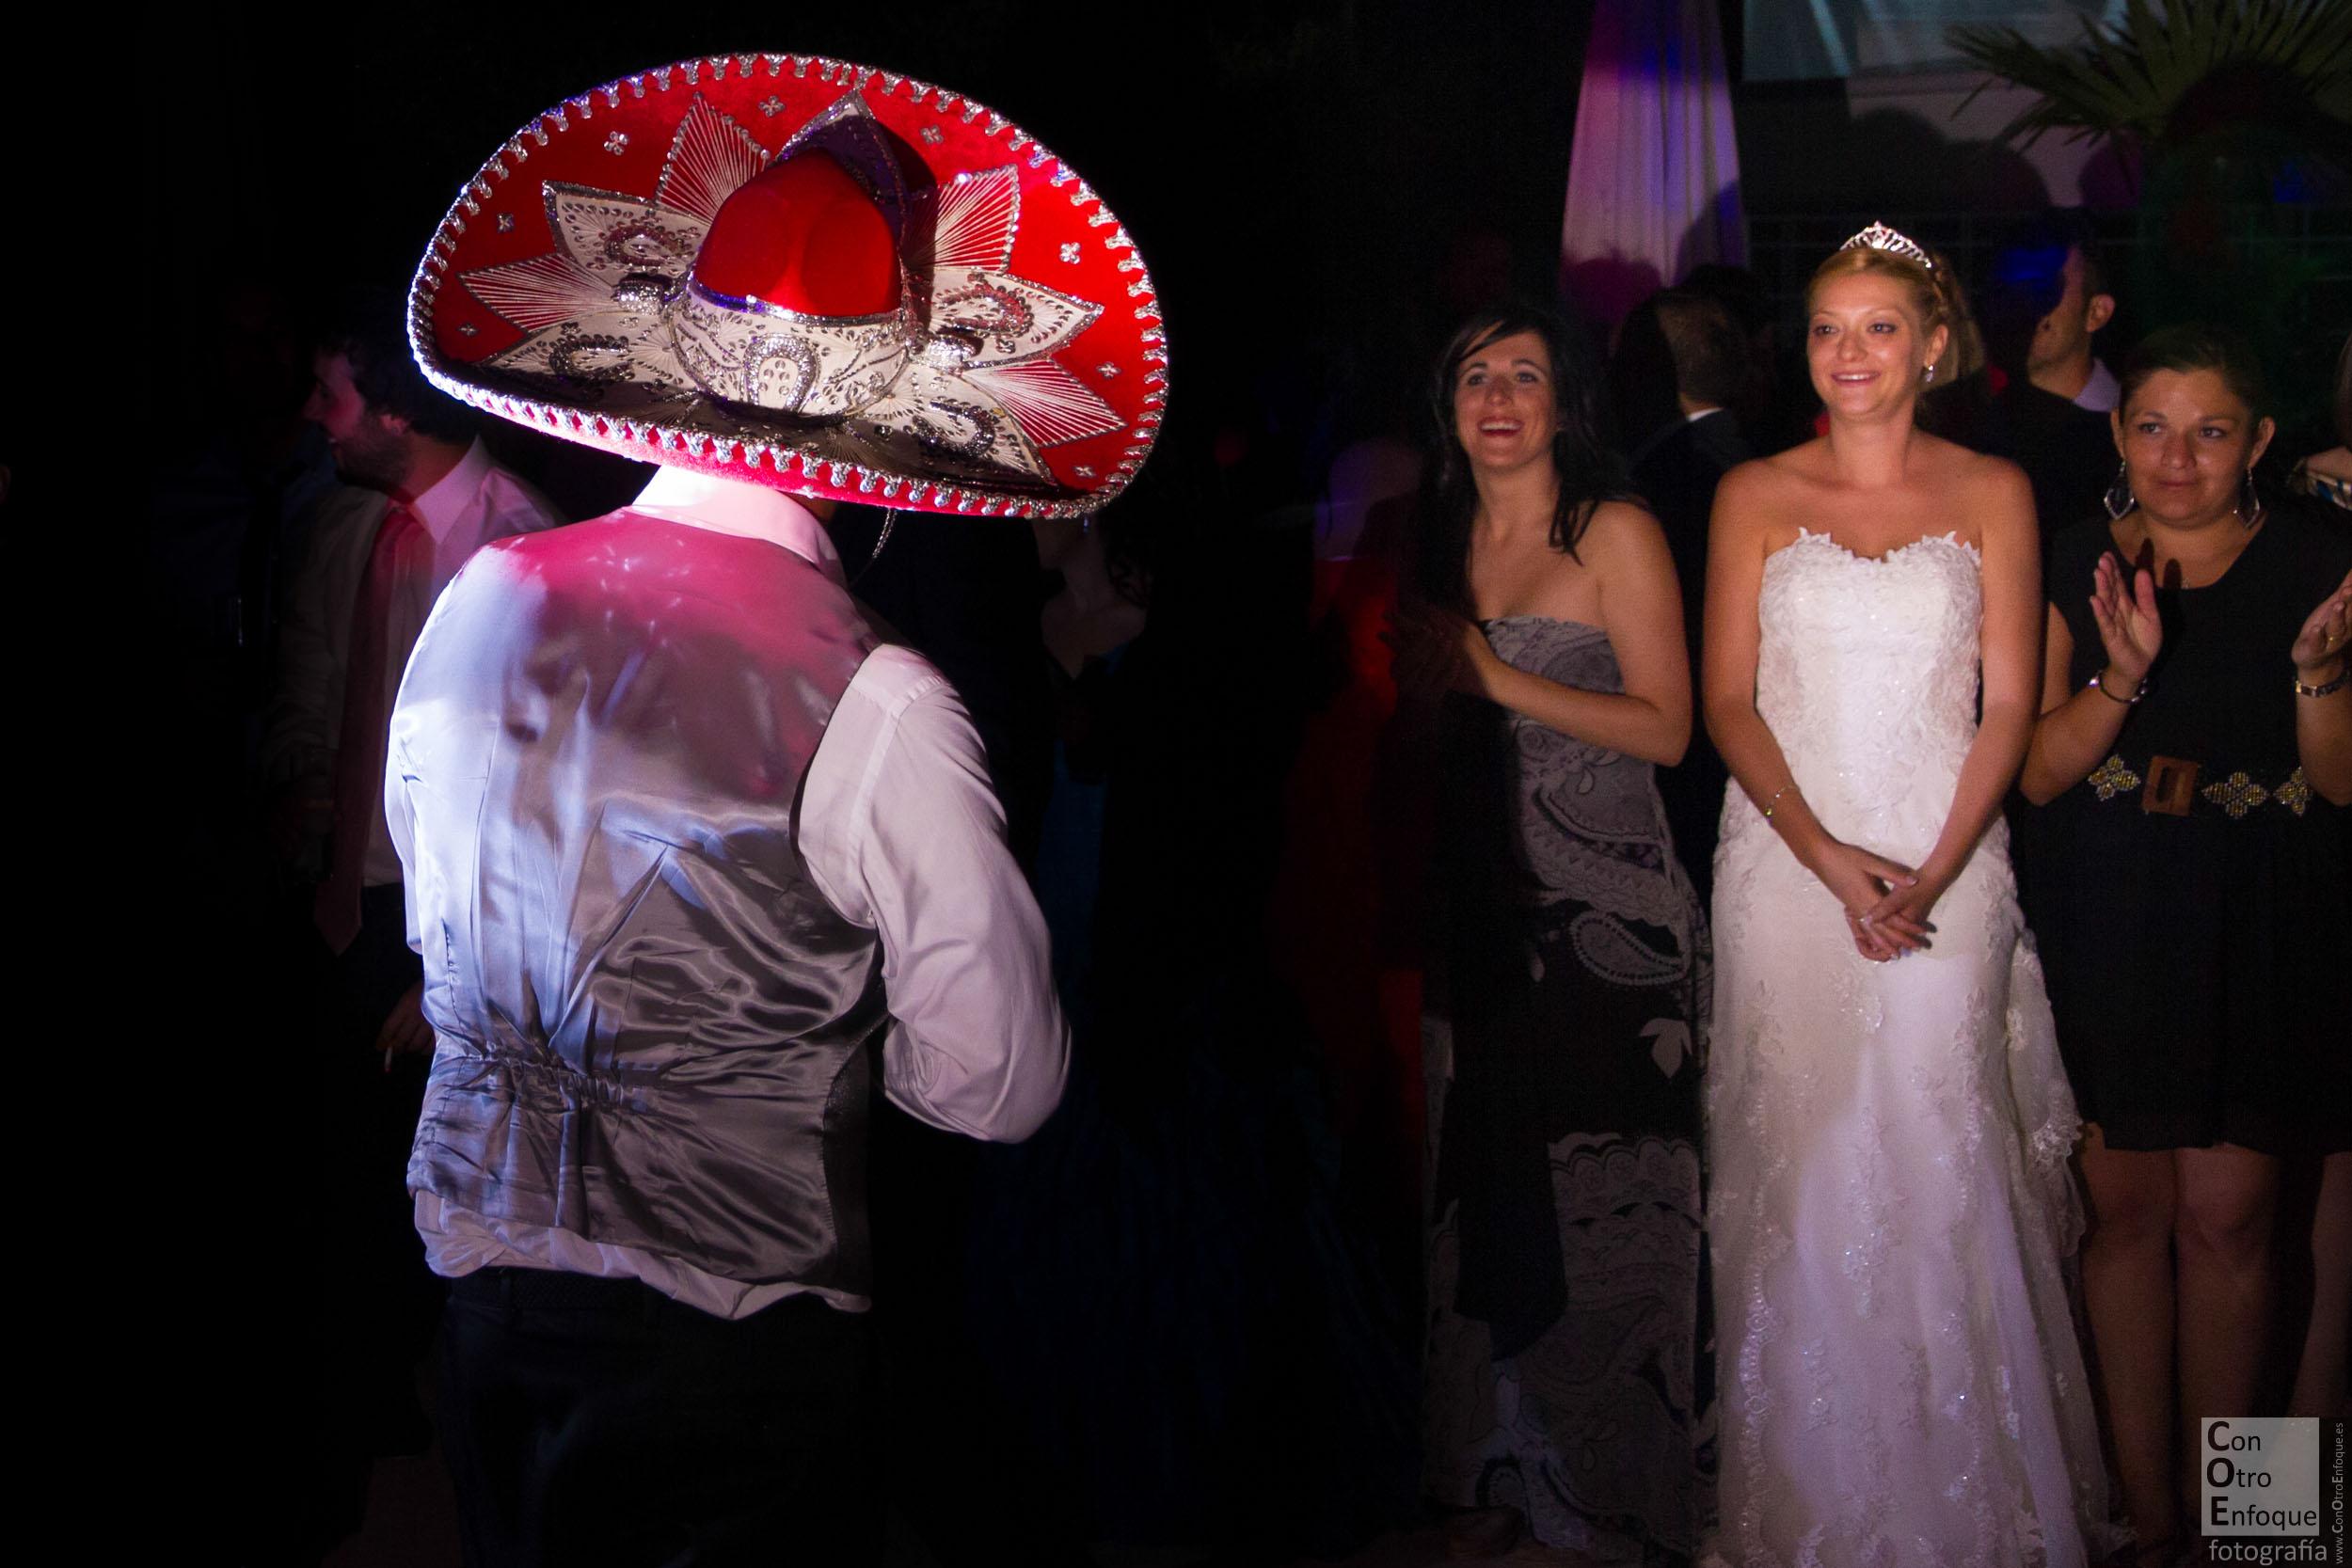 enamorados. Boda-Carrizosa-Ciudad Real-La Mancha-wedding-Spain-love-bridal-bride-song